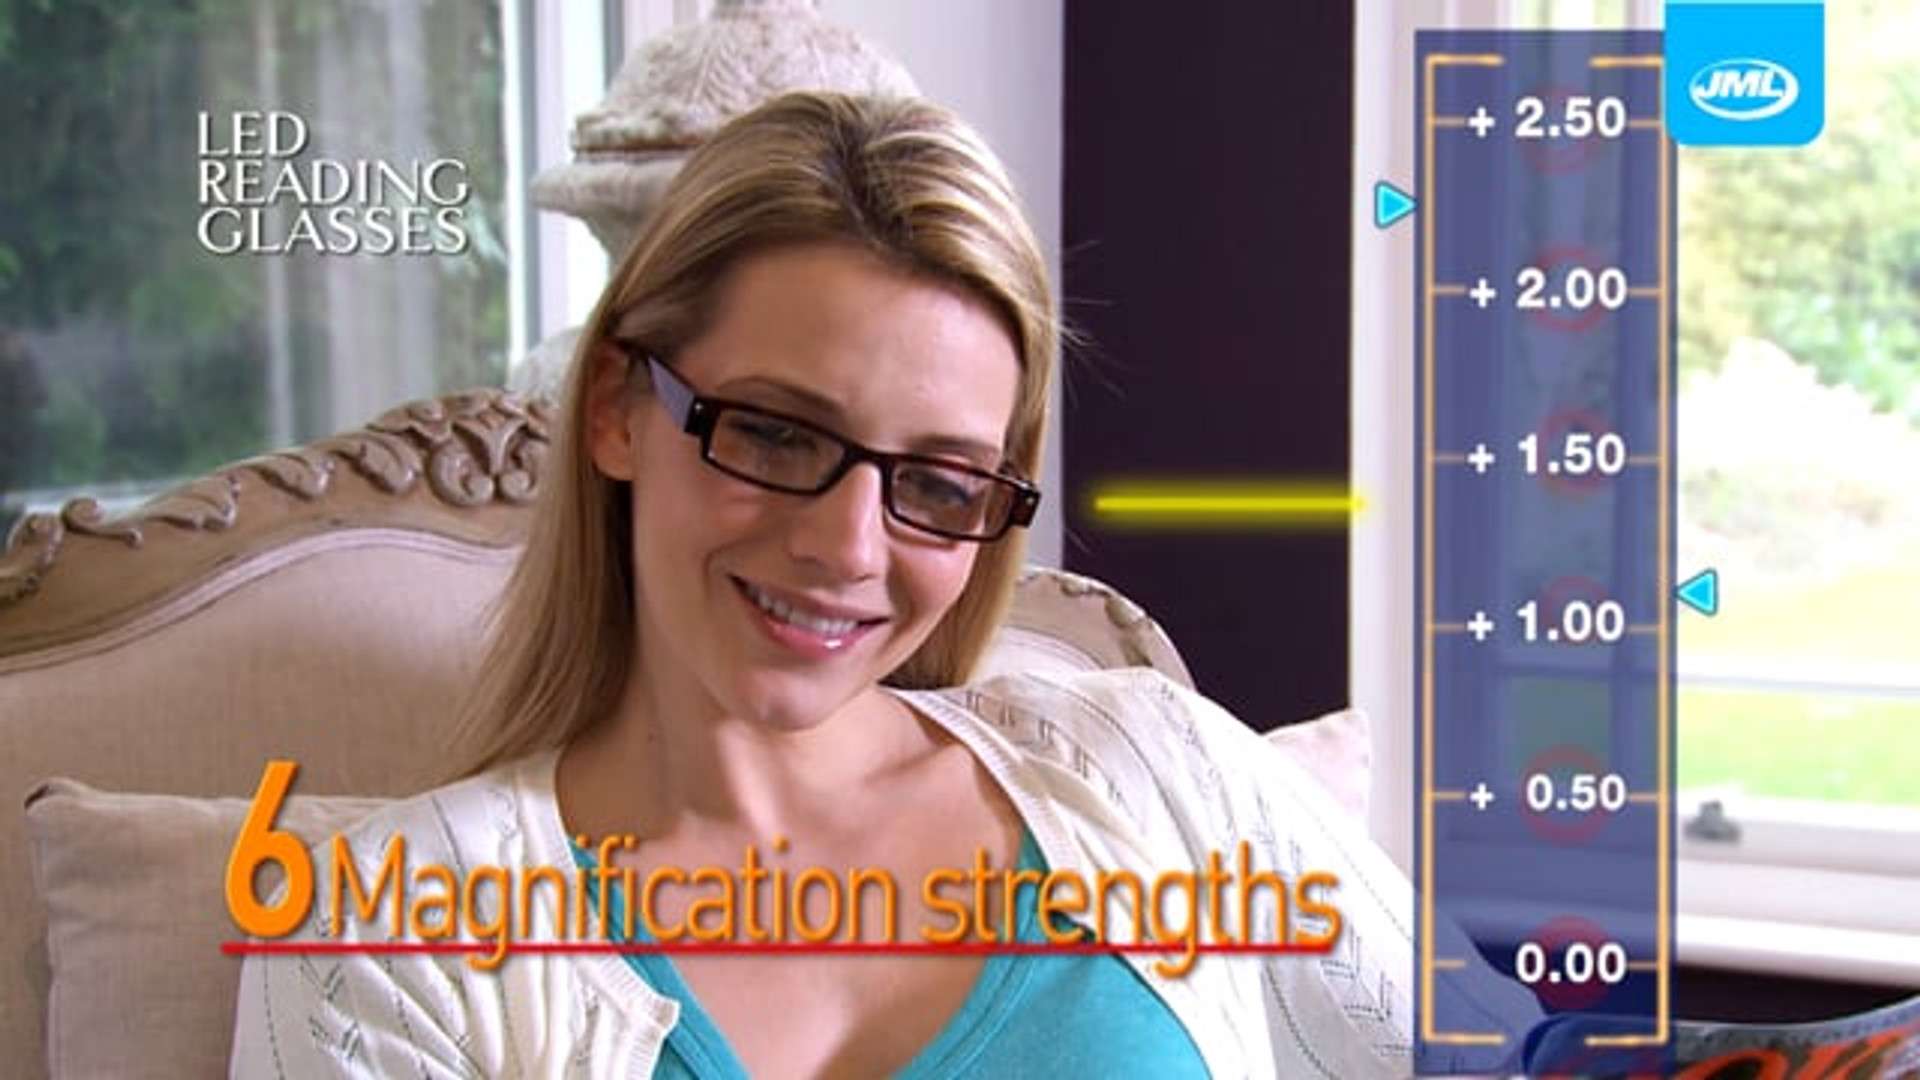 LED Reading Glasses